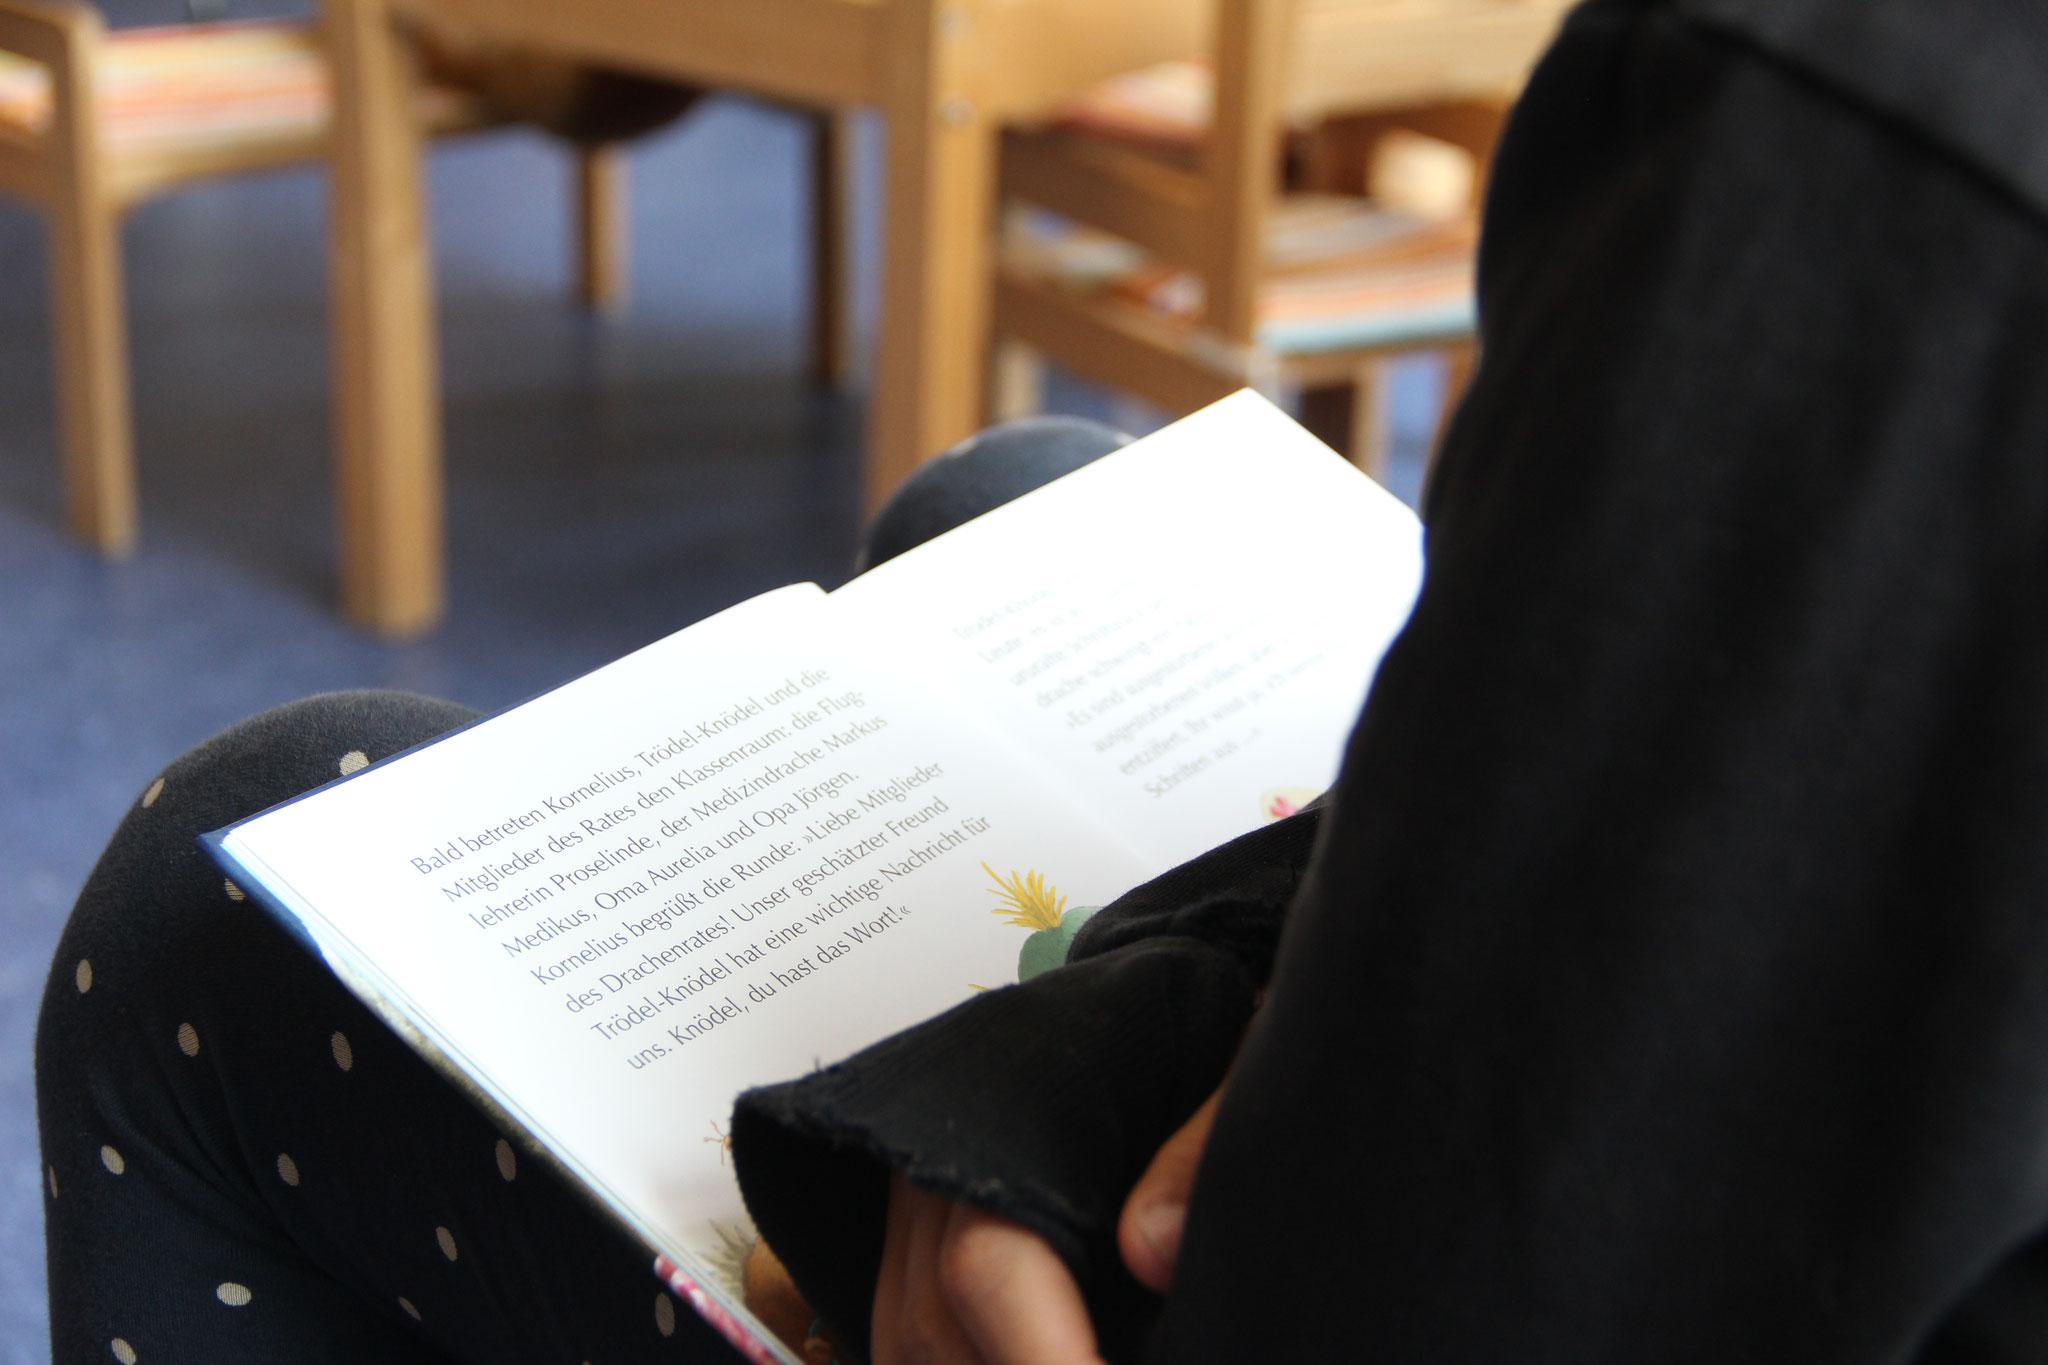 Beim Lesen und Stöbern 2